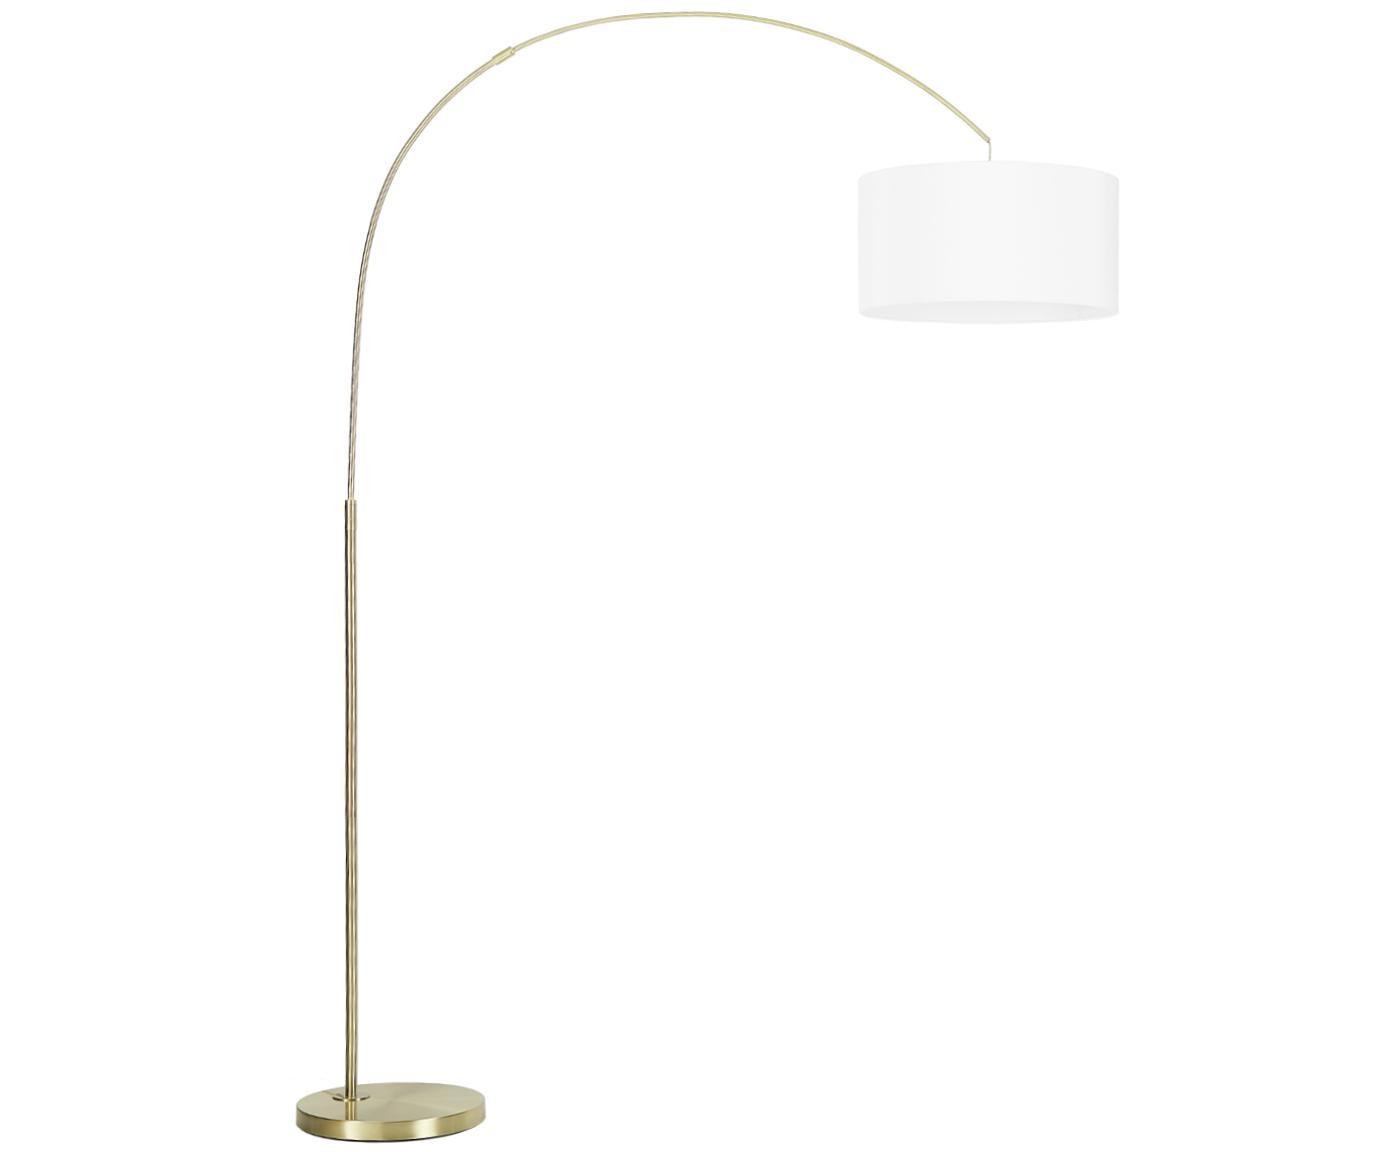 Bogenlampe Niels, Lampenfuß: Metall, gebürstet, Lampenschirm: Baumwollgemisch, Lampenschirm: WeißLampenfuß: MessingfarbenKabel: Transparent, 157 x 218 cm